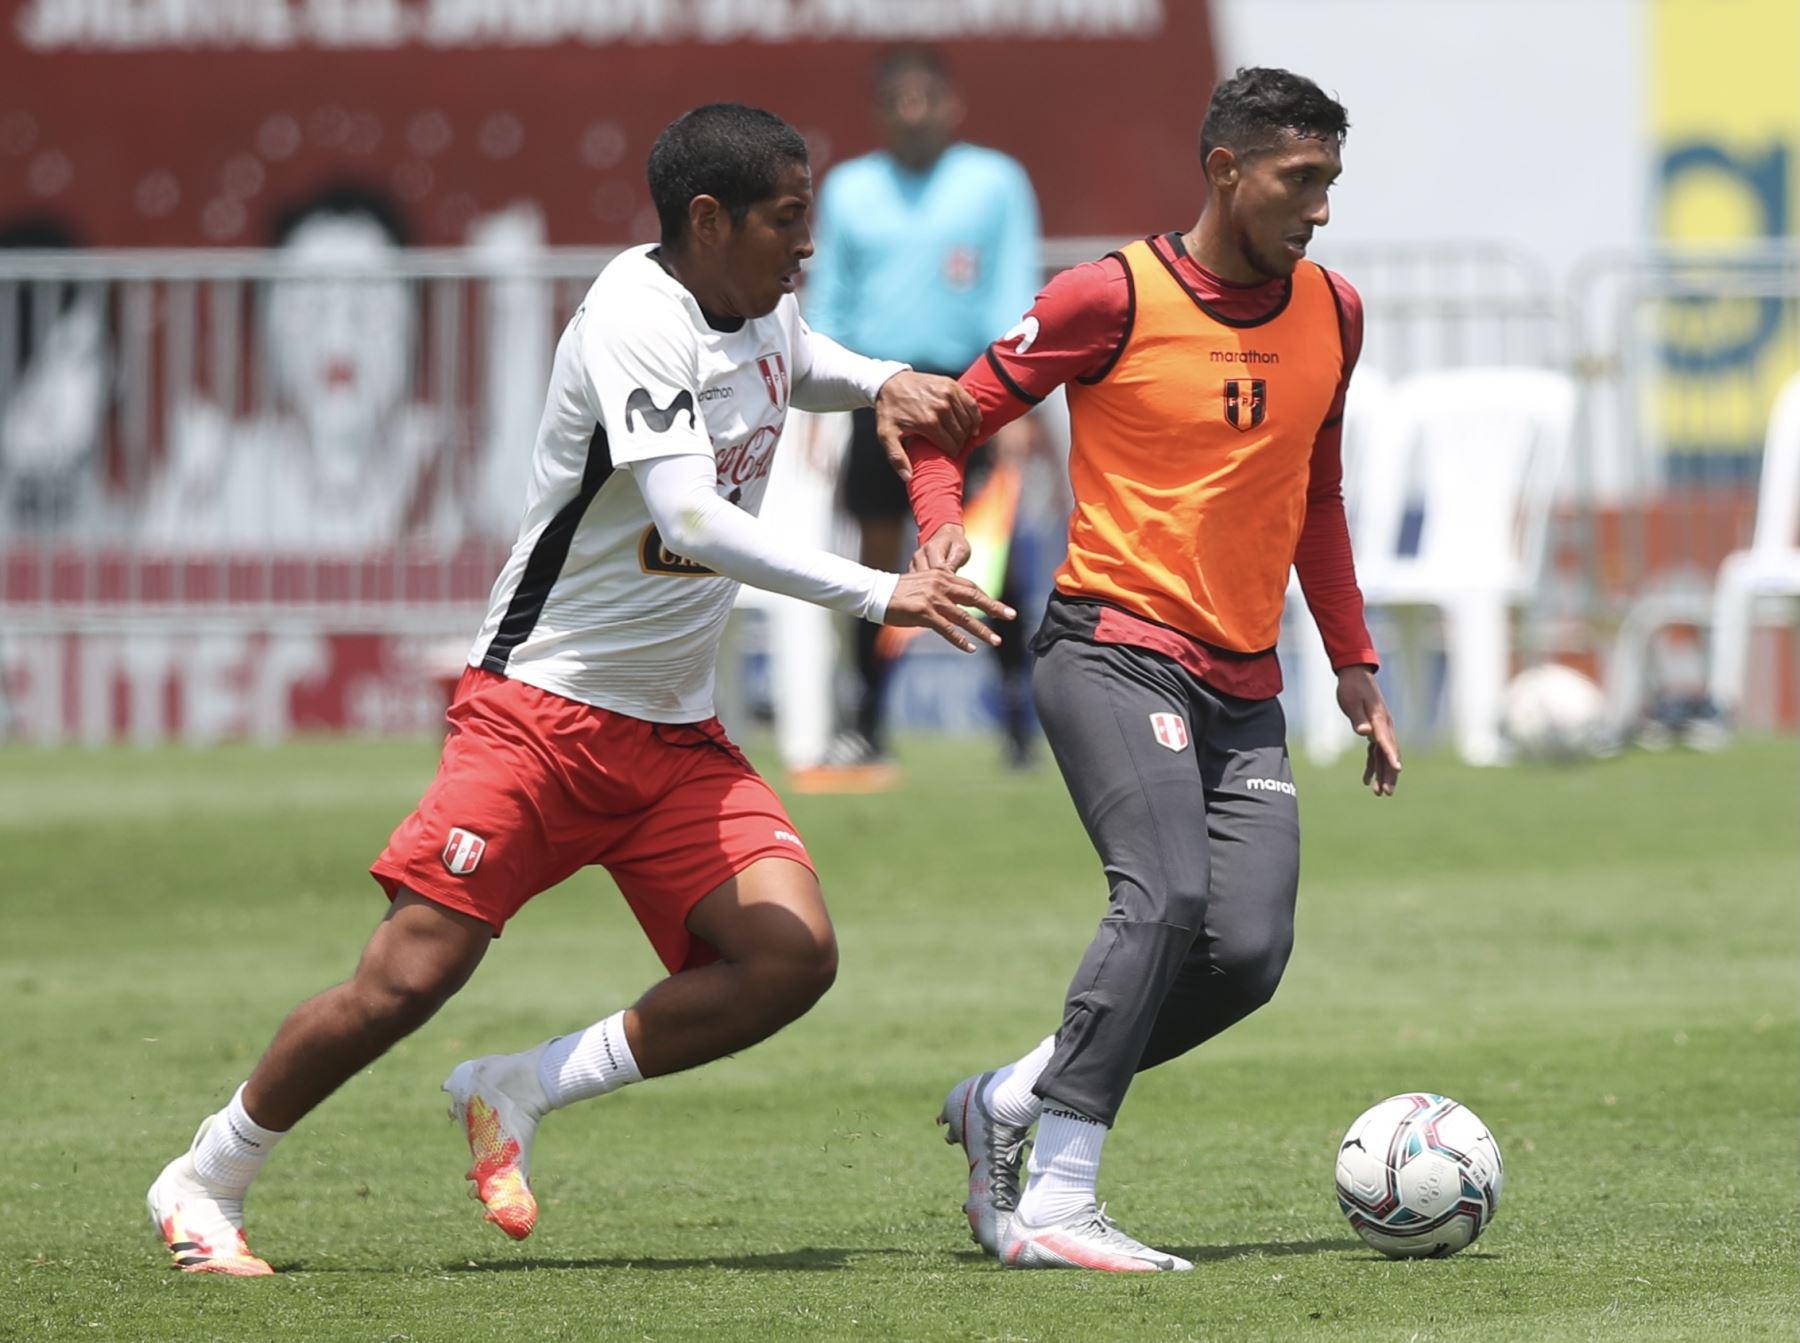 El futbolista Christofer Gonzales de la Selección peruana completó sus entrenamientos por tercer día consecutivo en el Complejo Deportivo Videna FPF, con miras a su debut en las Clasificatorias a Qatar 2022. Foto: @SeleccionPeru